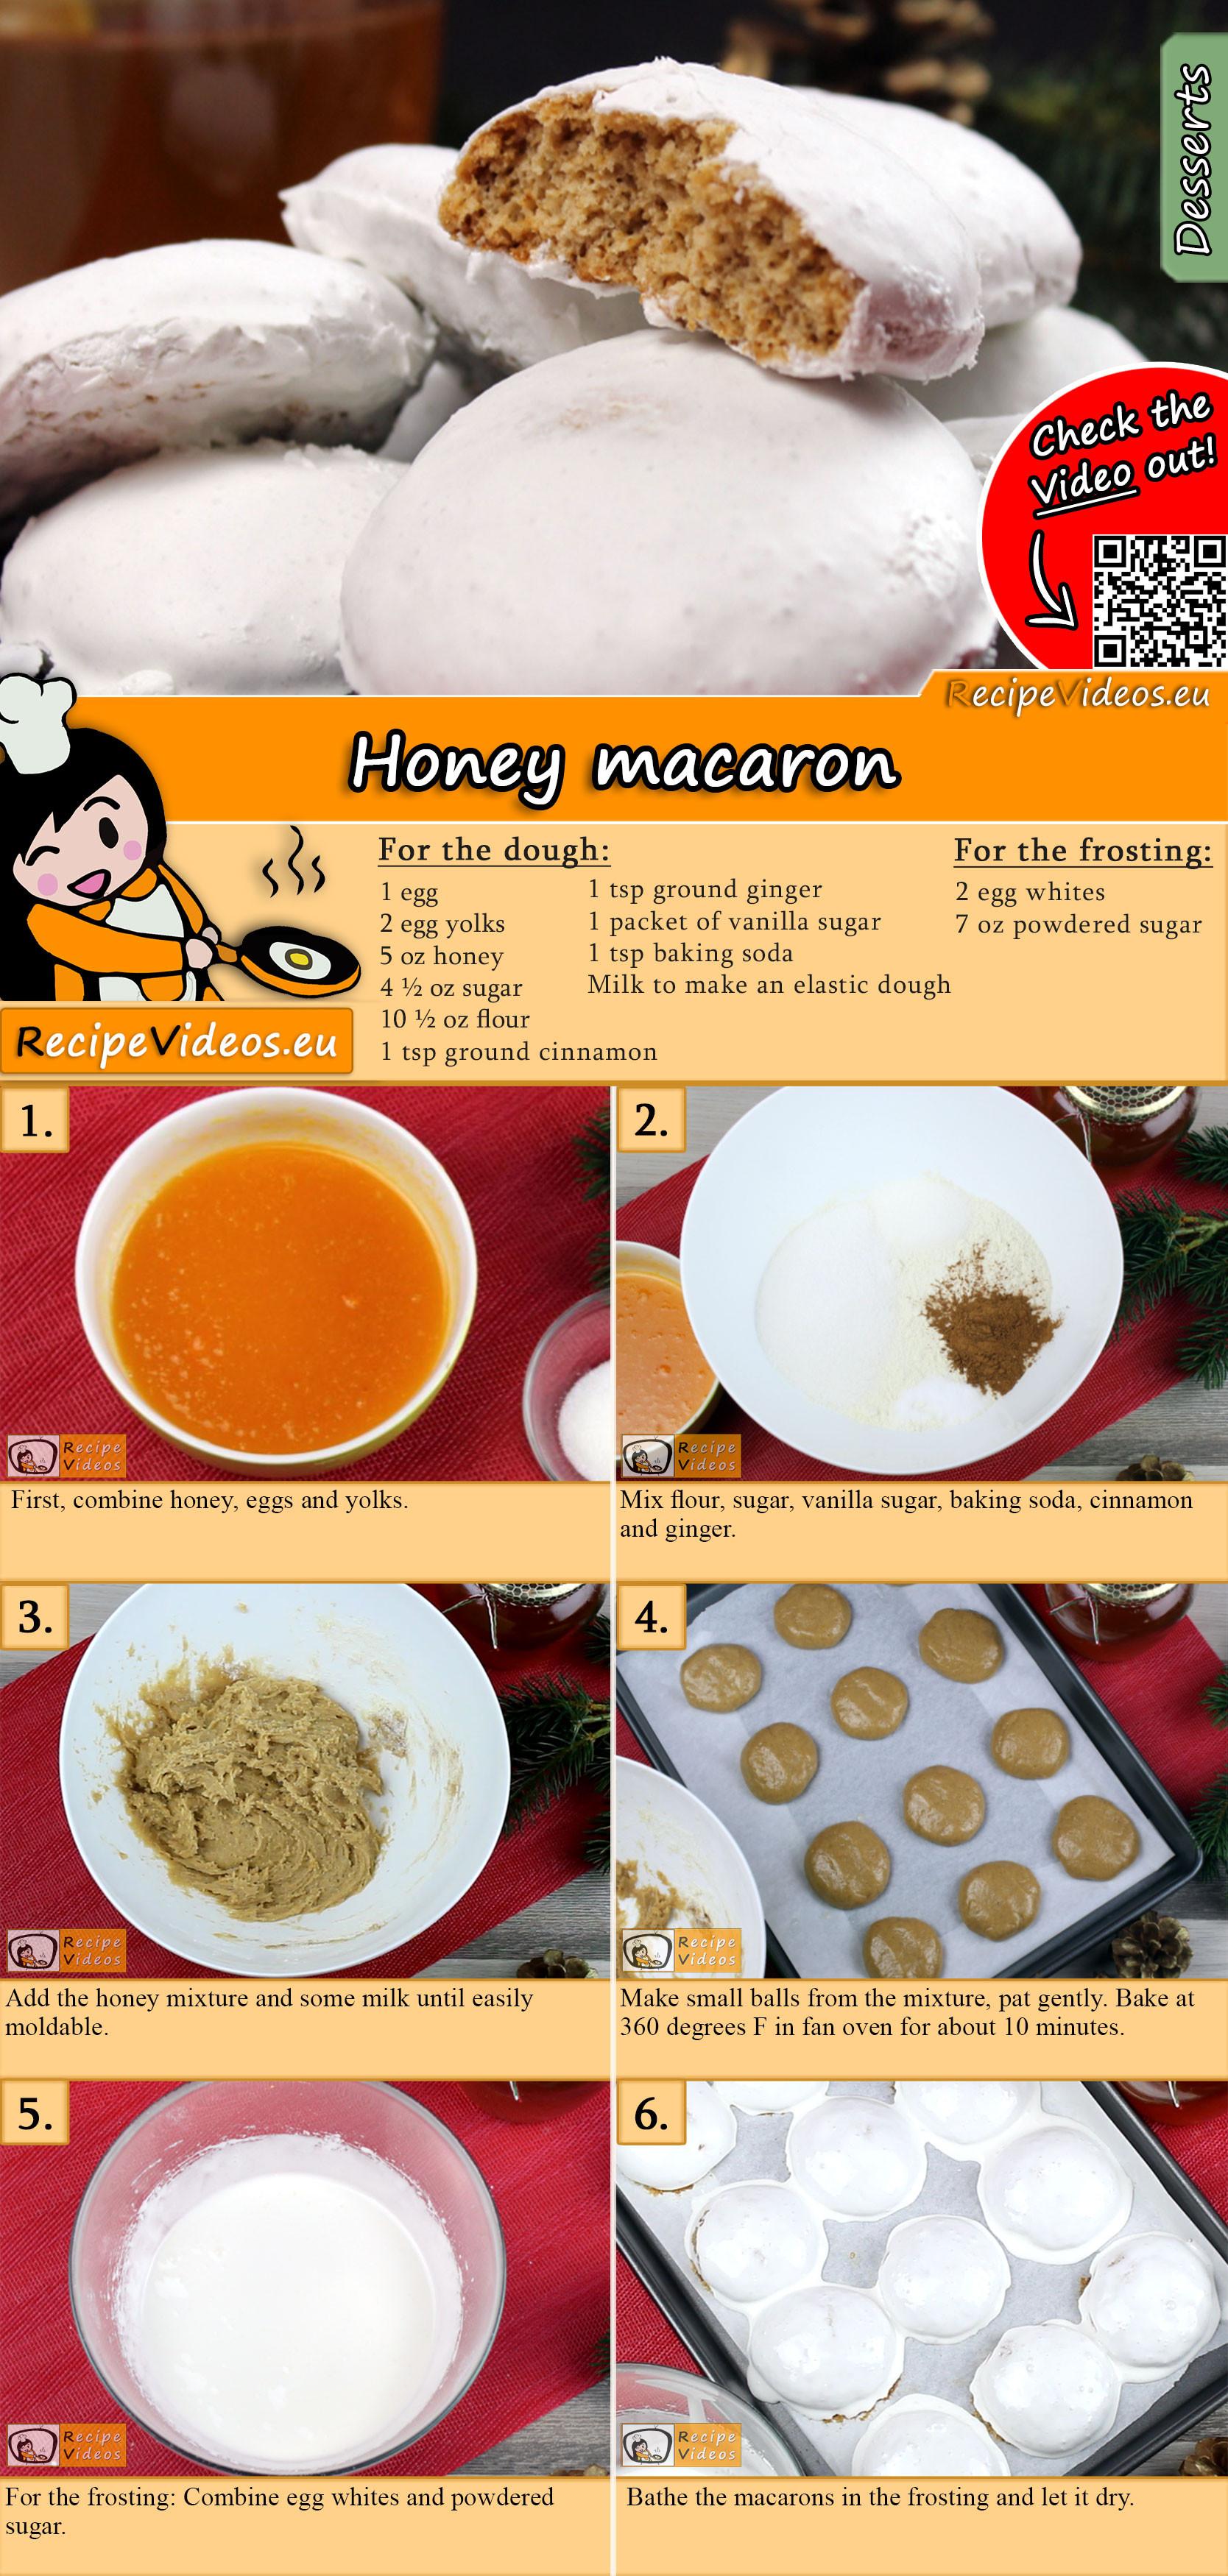 Honey macaron recipe with video